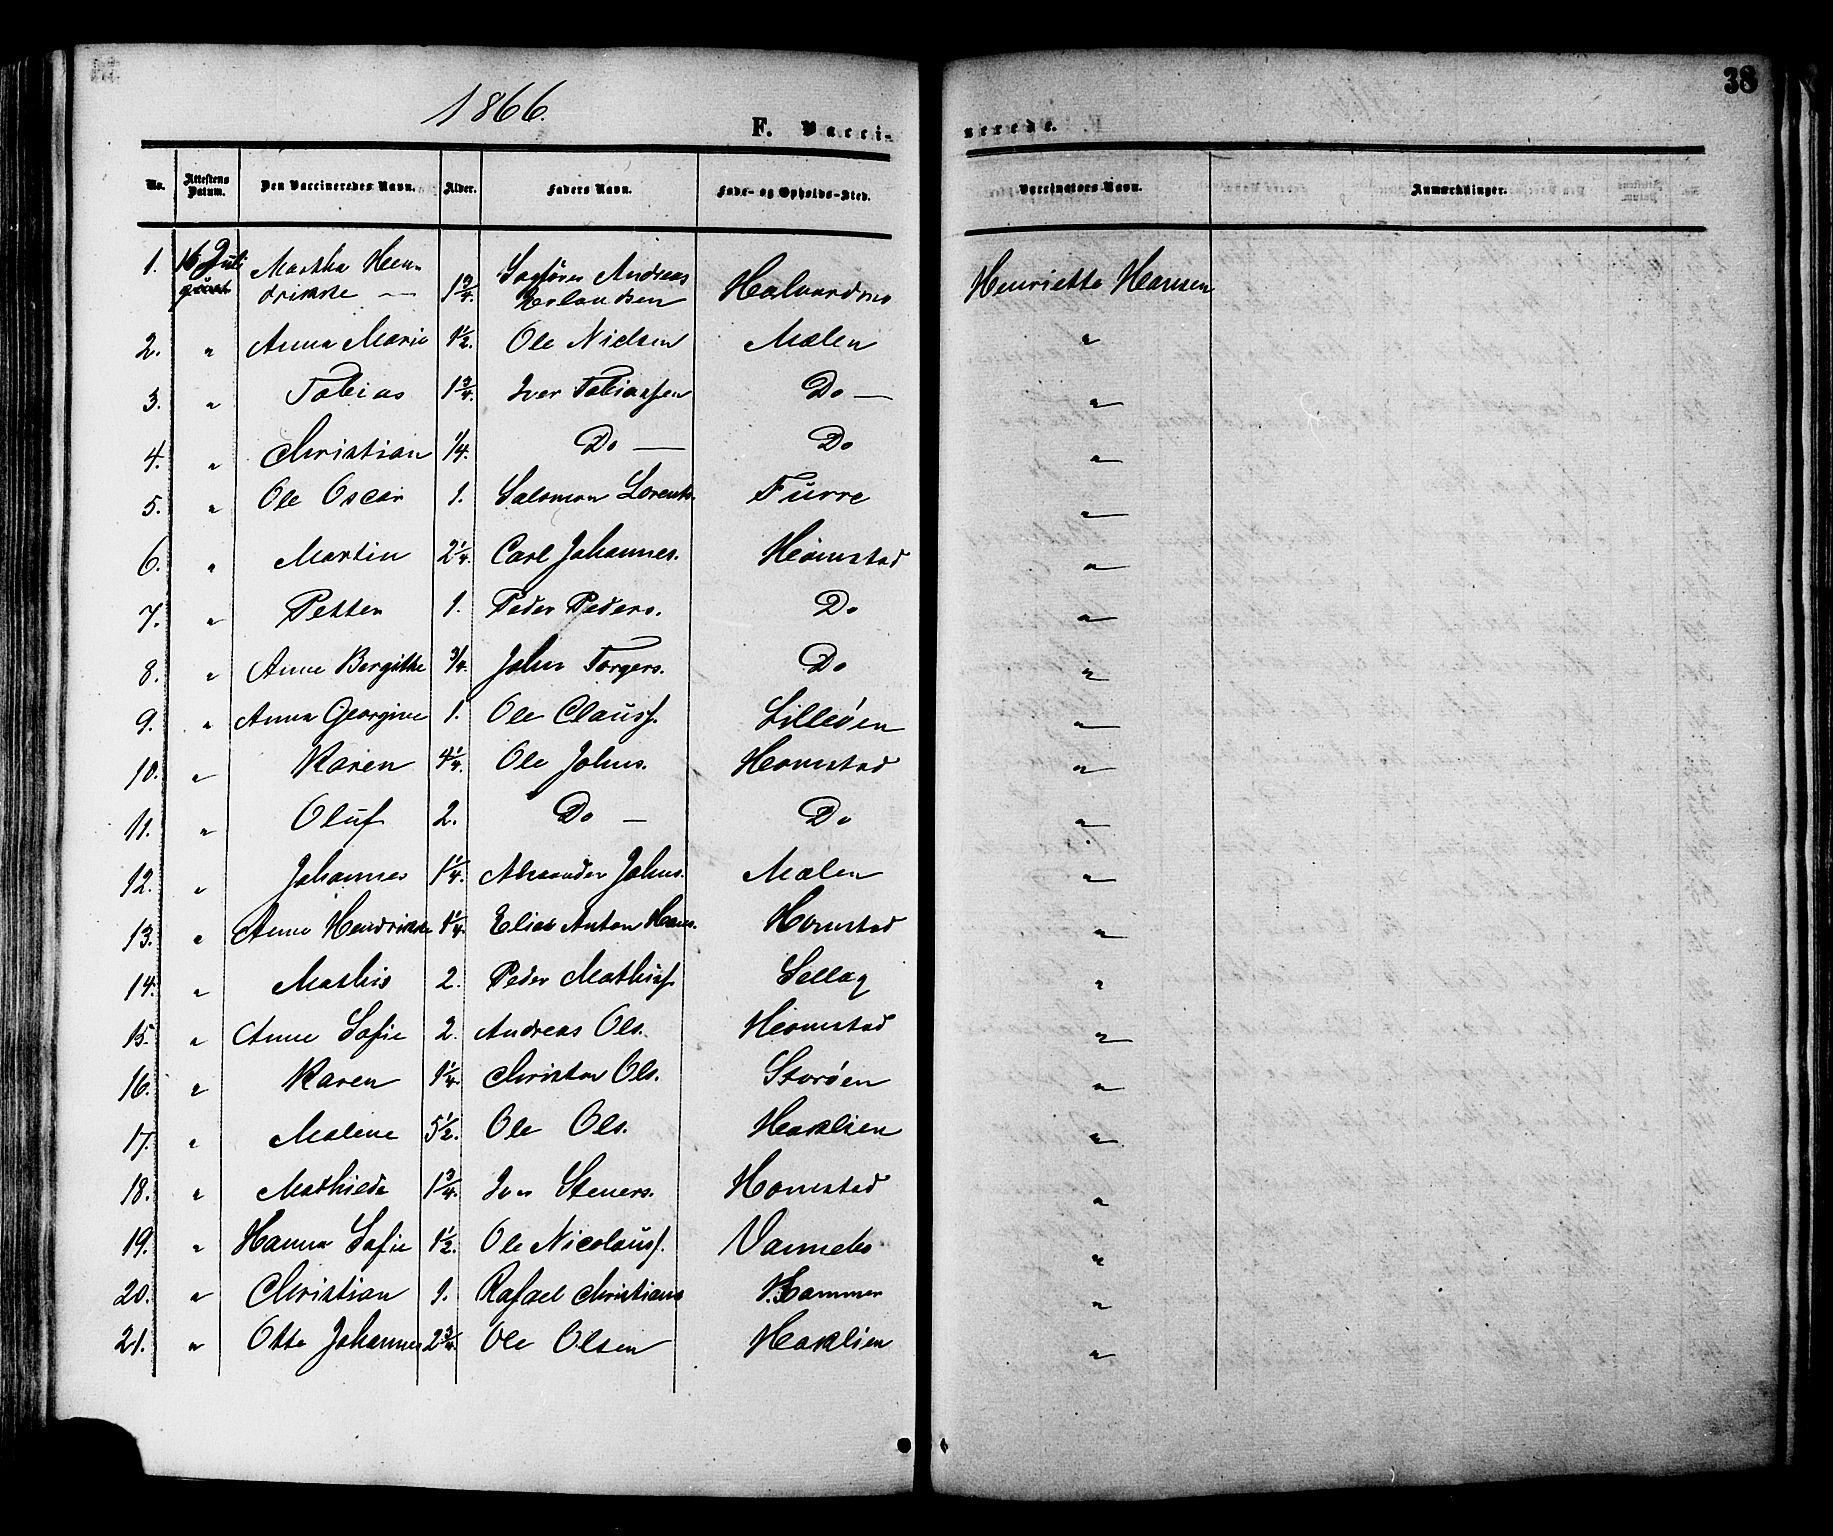 SAT, Ministerialprotokoller, klokkerbøker og fødselsregistre - Nord-Trøndelag, 764/L0553: Ministerialbok nr. 764A08, 1858-1880, s. 38